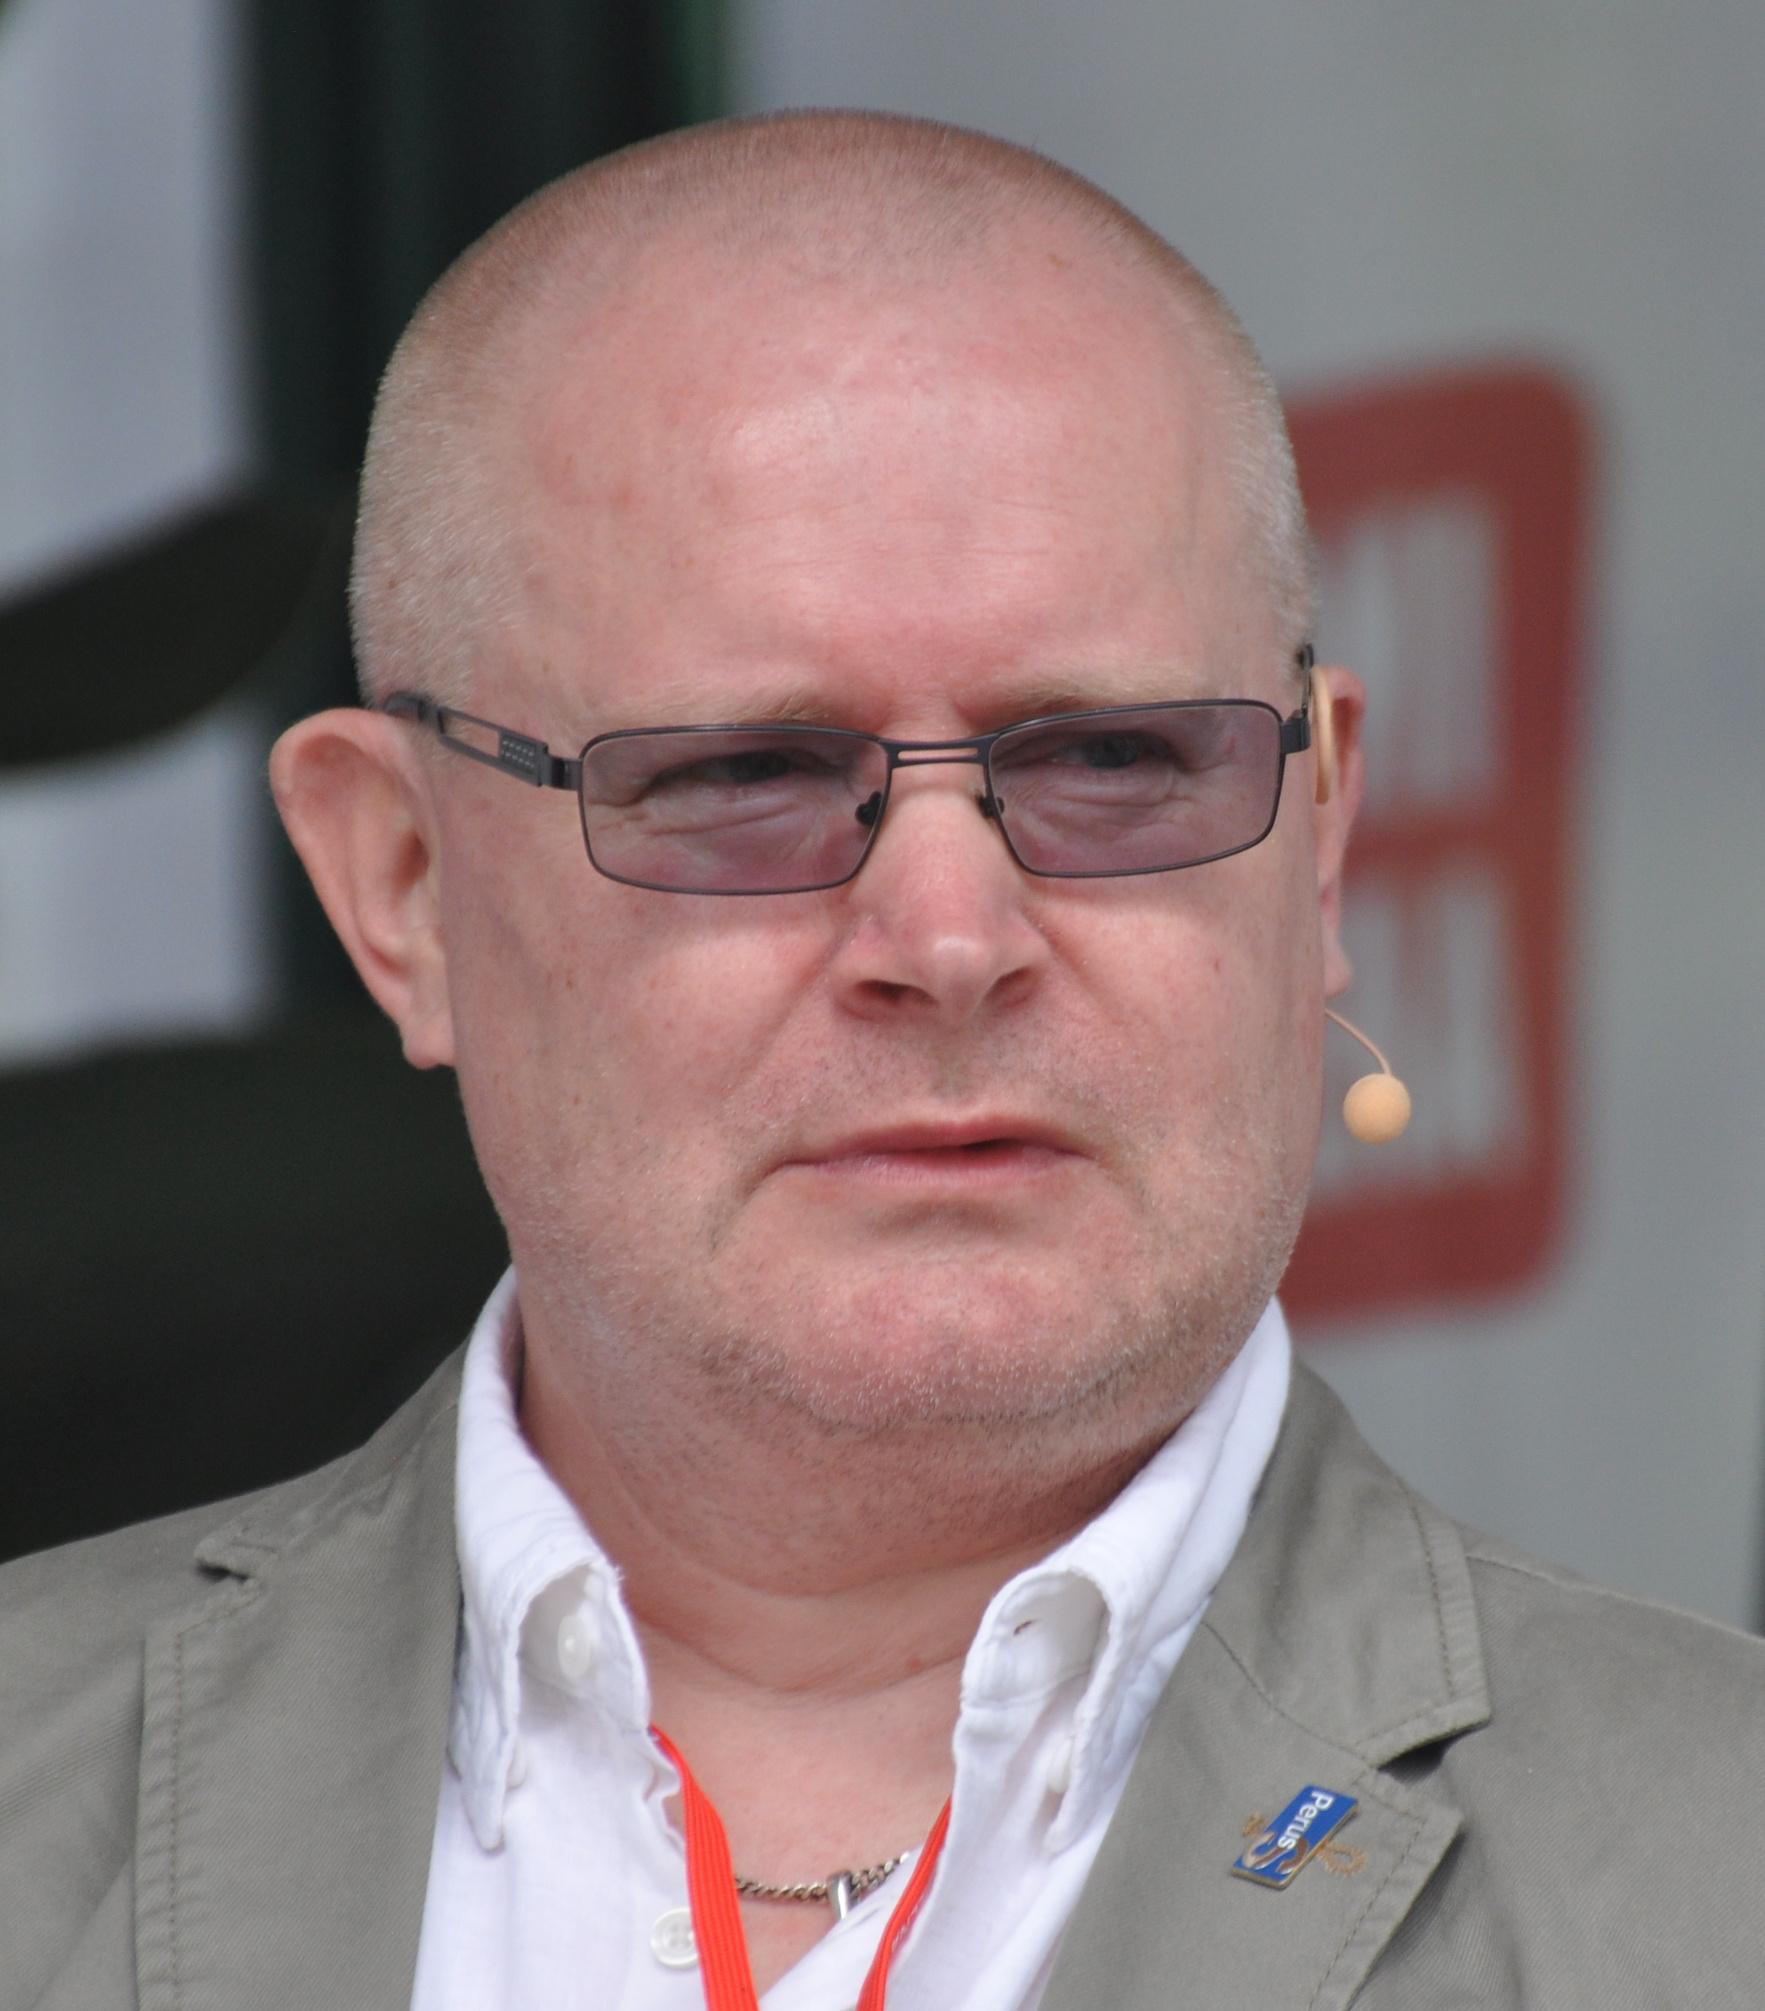 Jari Linström